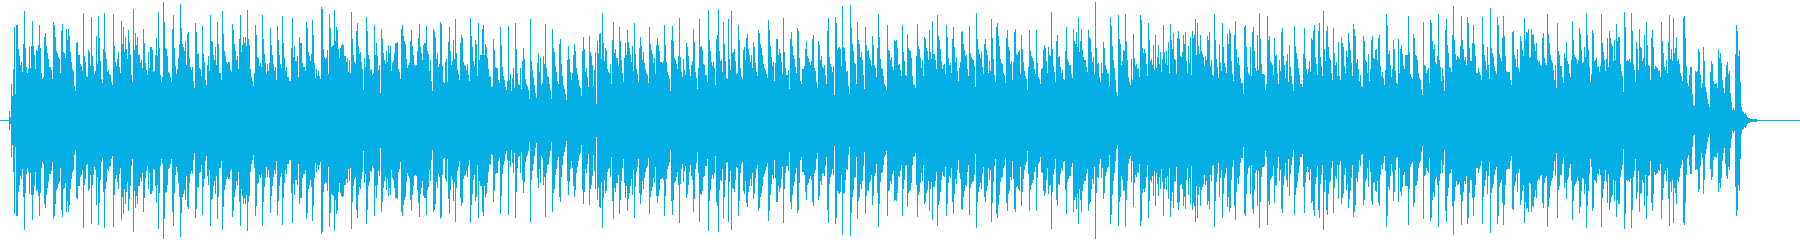 陽気なクラシックアレンジの再生済みの波形